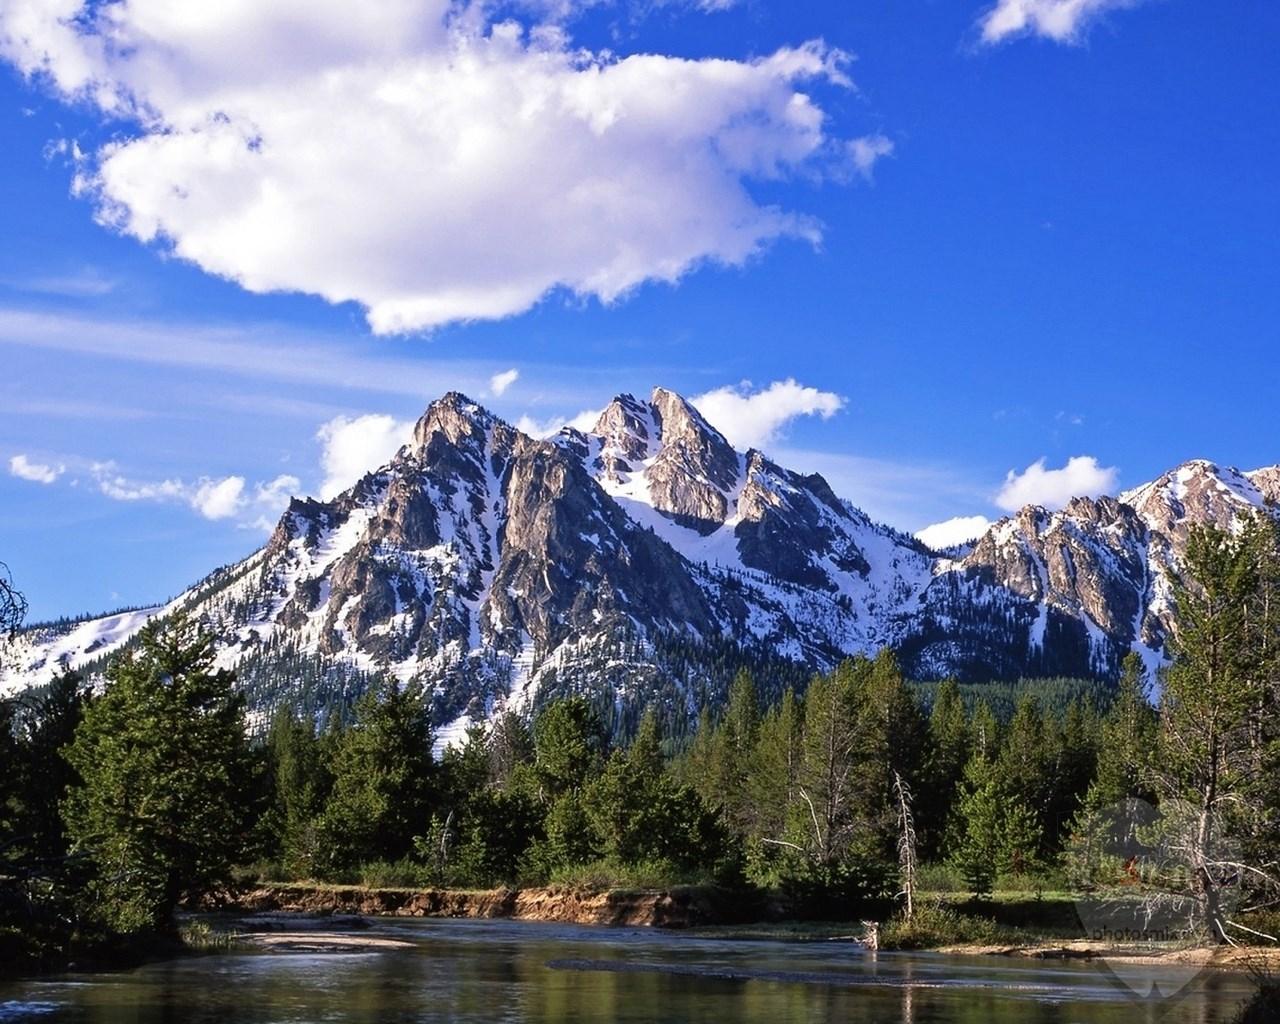 صور وخلفيات جبال وشلالات طبيعية HD خلفيات جبال خضراء وثلجية 20